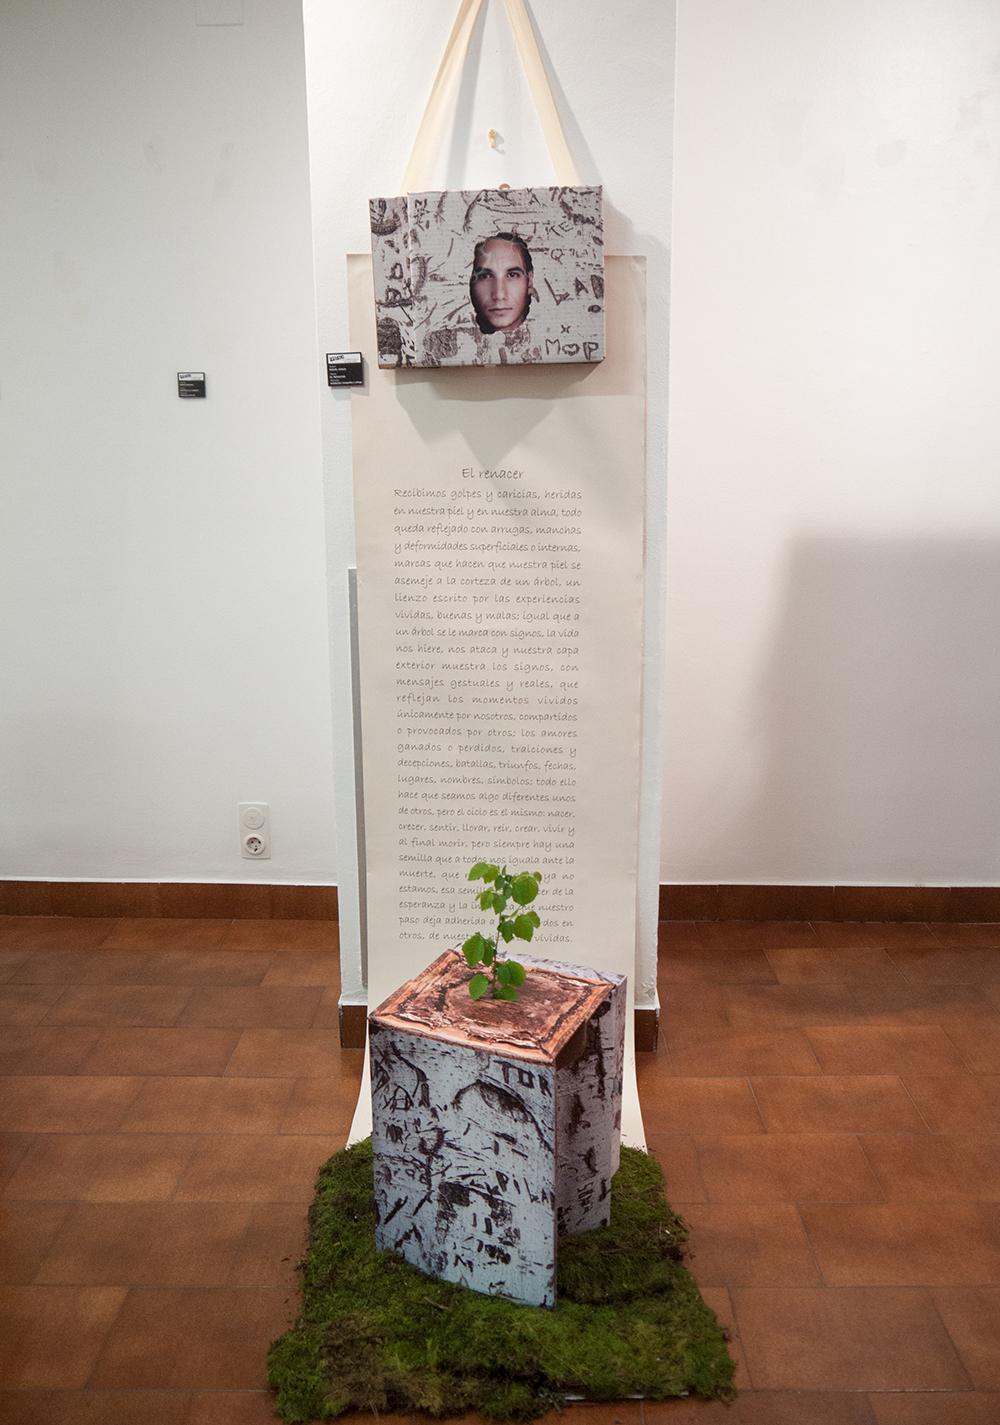 El renacer - Miguel Sanza - Instalación